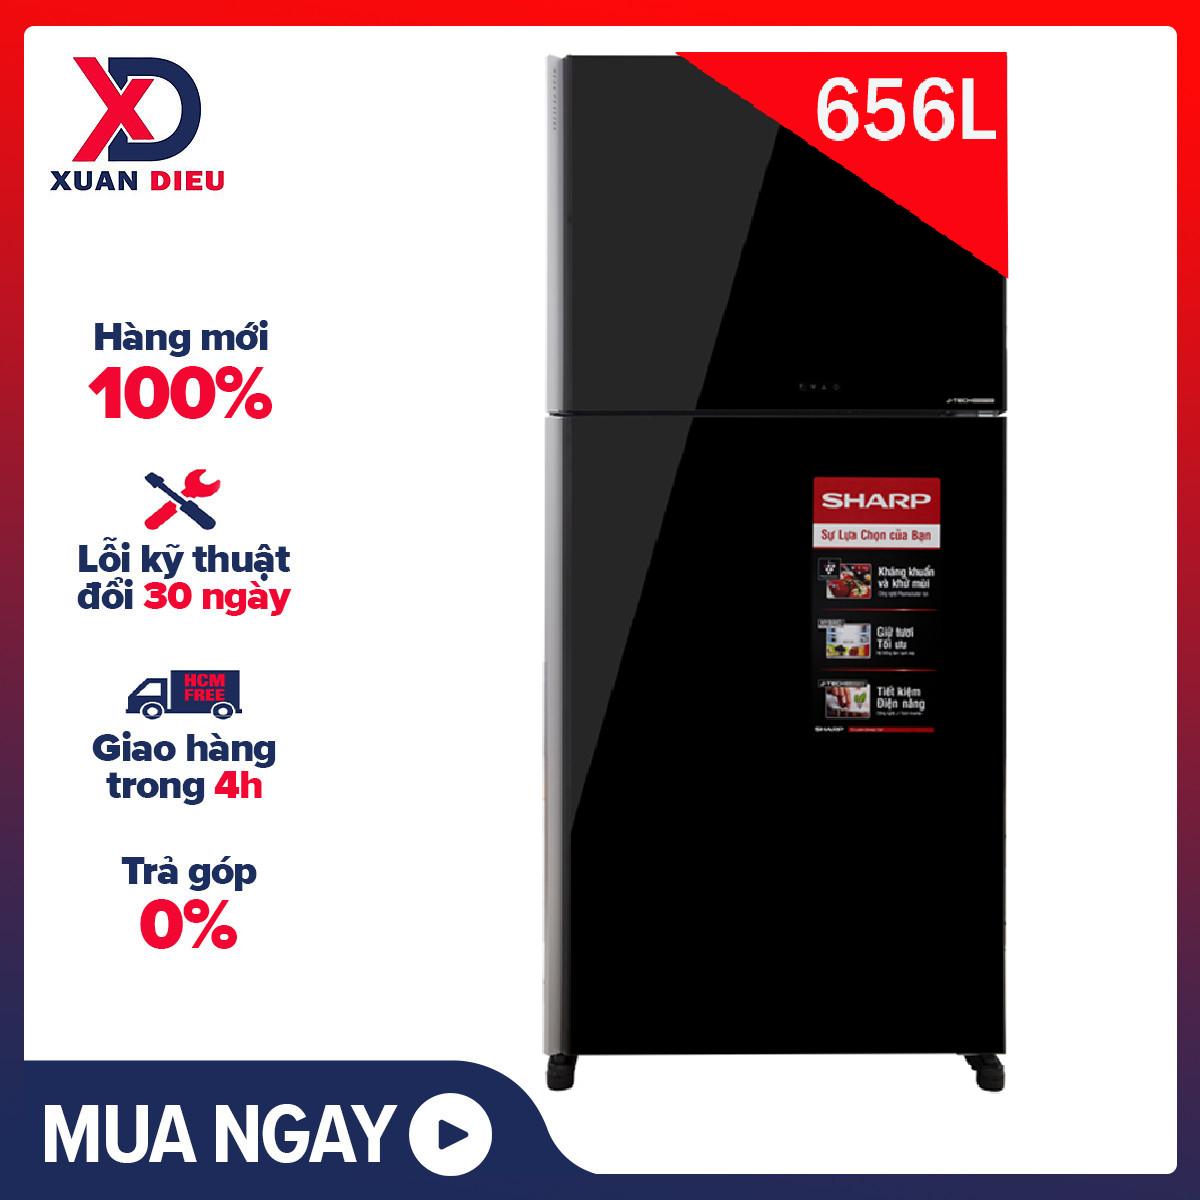 [HCM][Trả góp 0%]Tủ lạnh Sharp SJ-XP660PG-BK 656 lít 2 cửa Inverter – Hệ Thống Làm Lạnh Kép Công nghệ khử mùi Nano Ag+ Bảng điều khiển cảm ứng Tiện ích : Cấp đông nhanh Làm lạnh nhanh không đóng tuyết